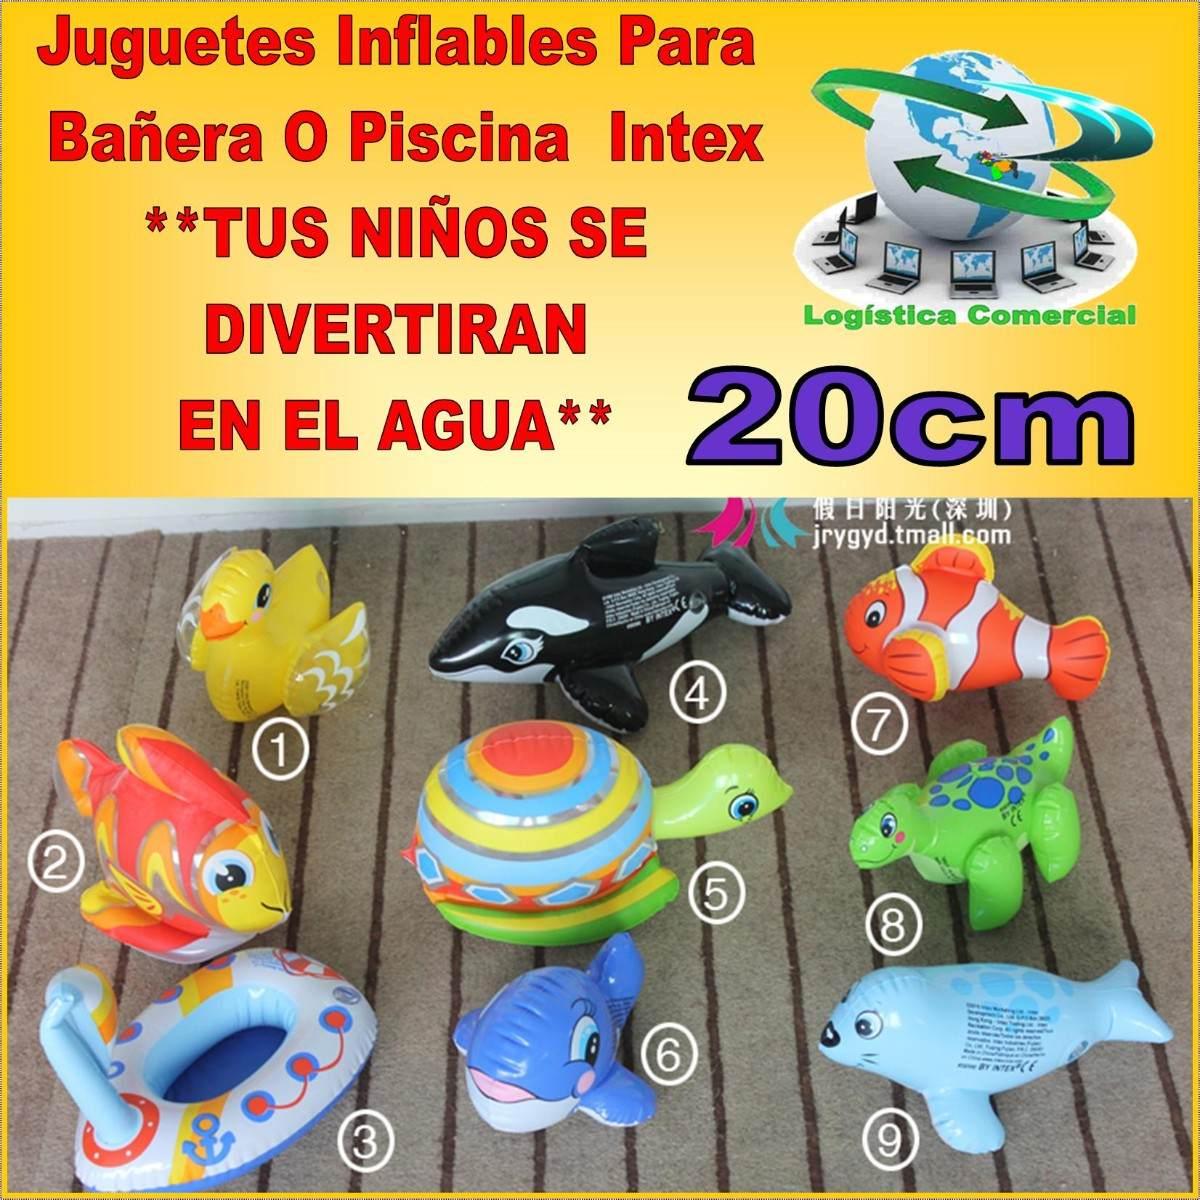 Juguetes inflables para ba eras piscinas intex 58590 bs for Juguetes de piscina